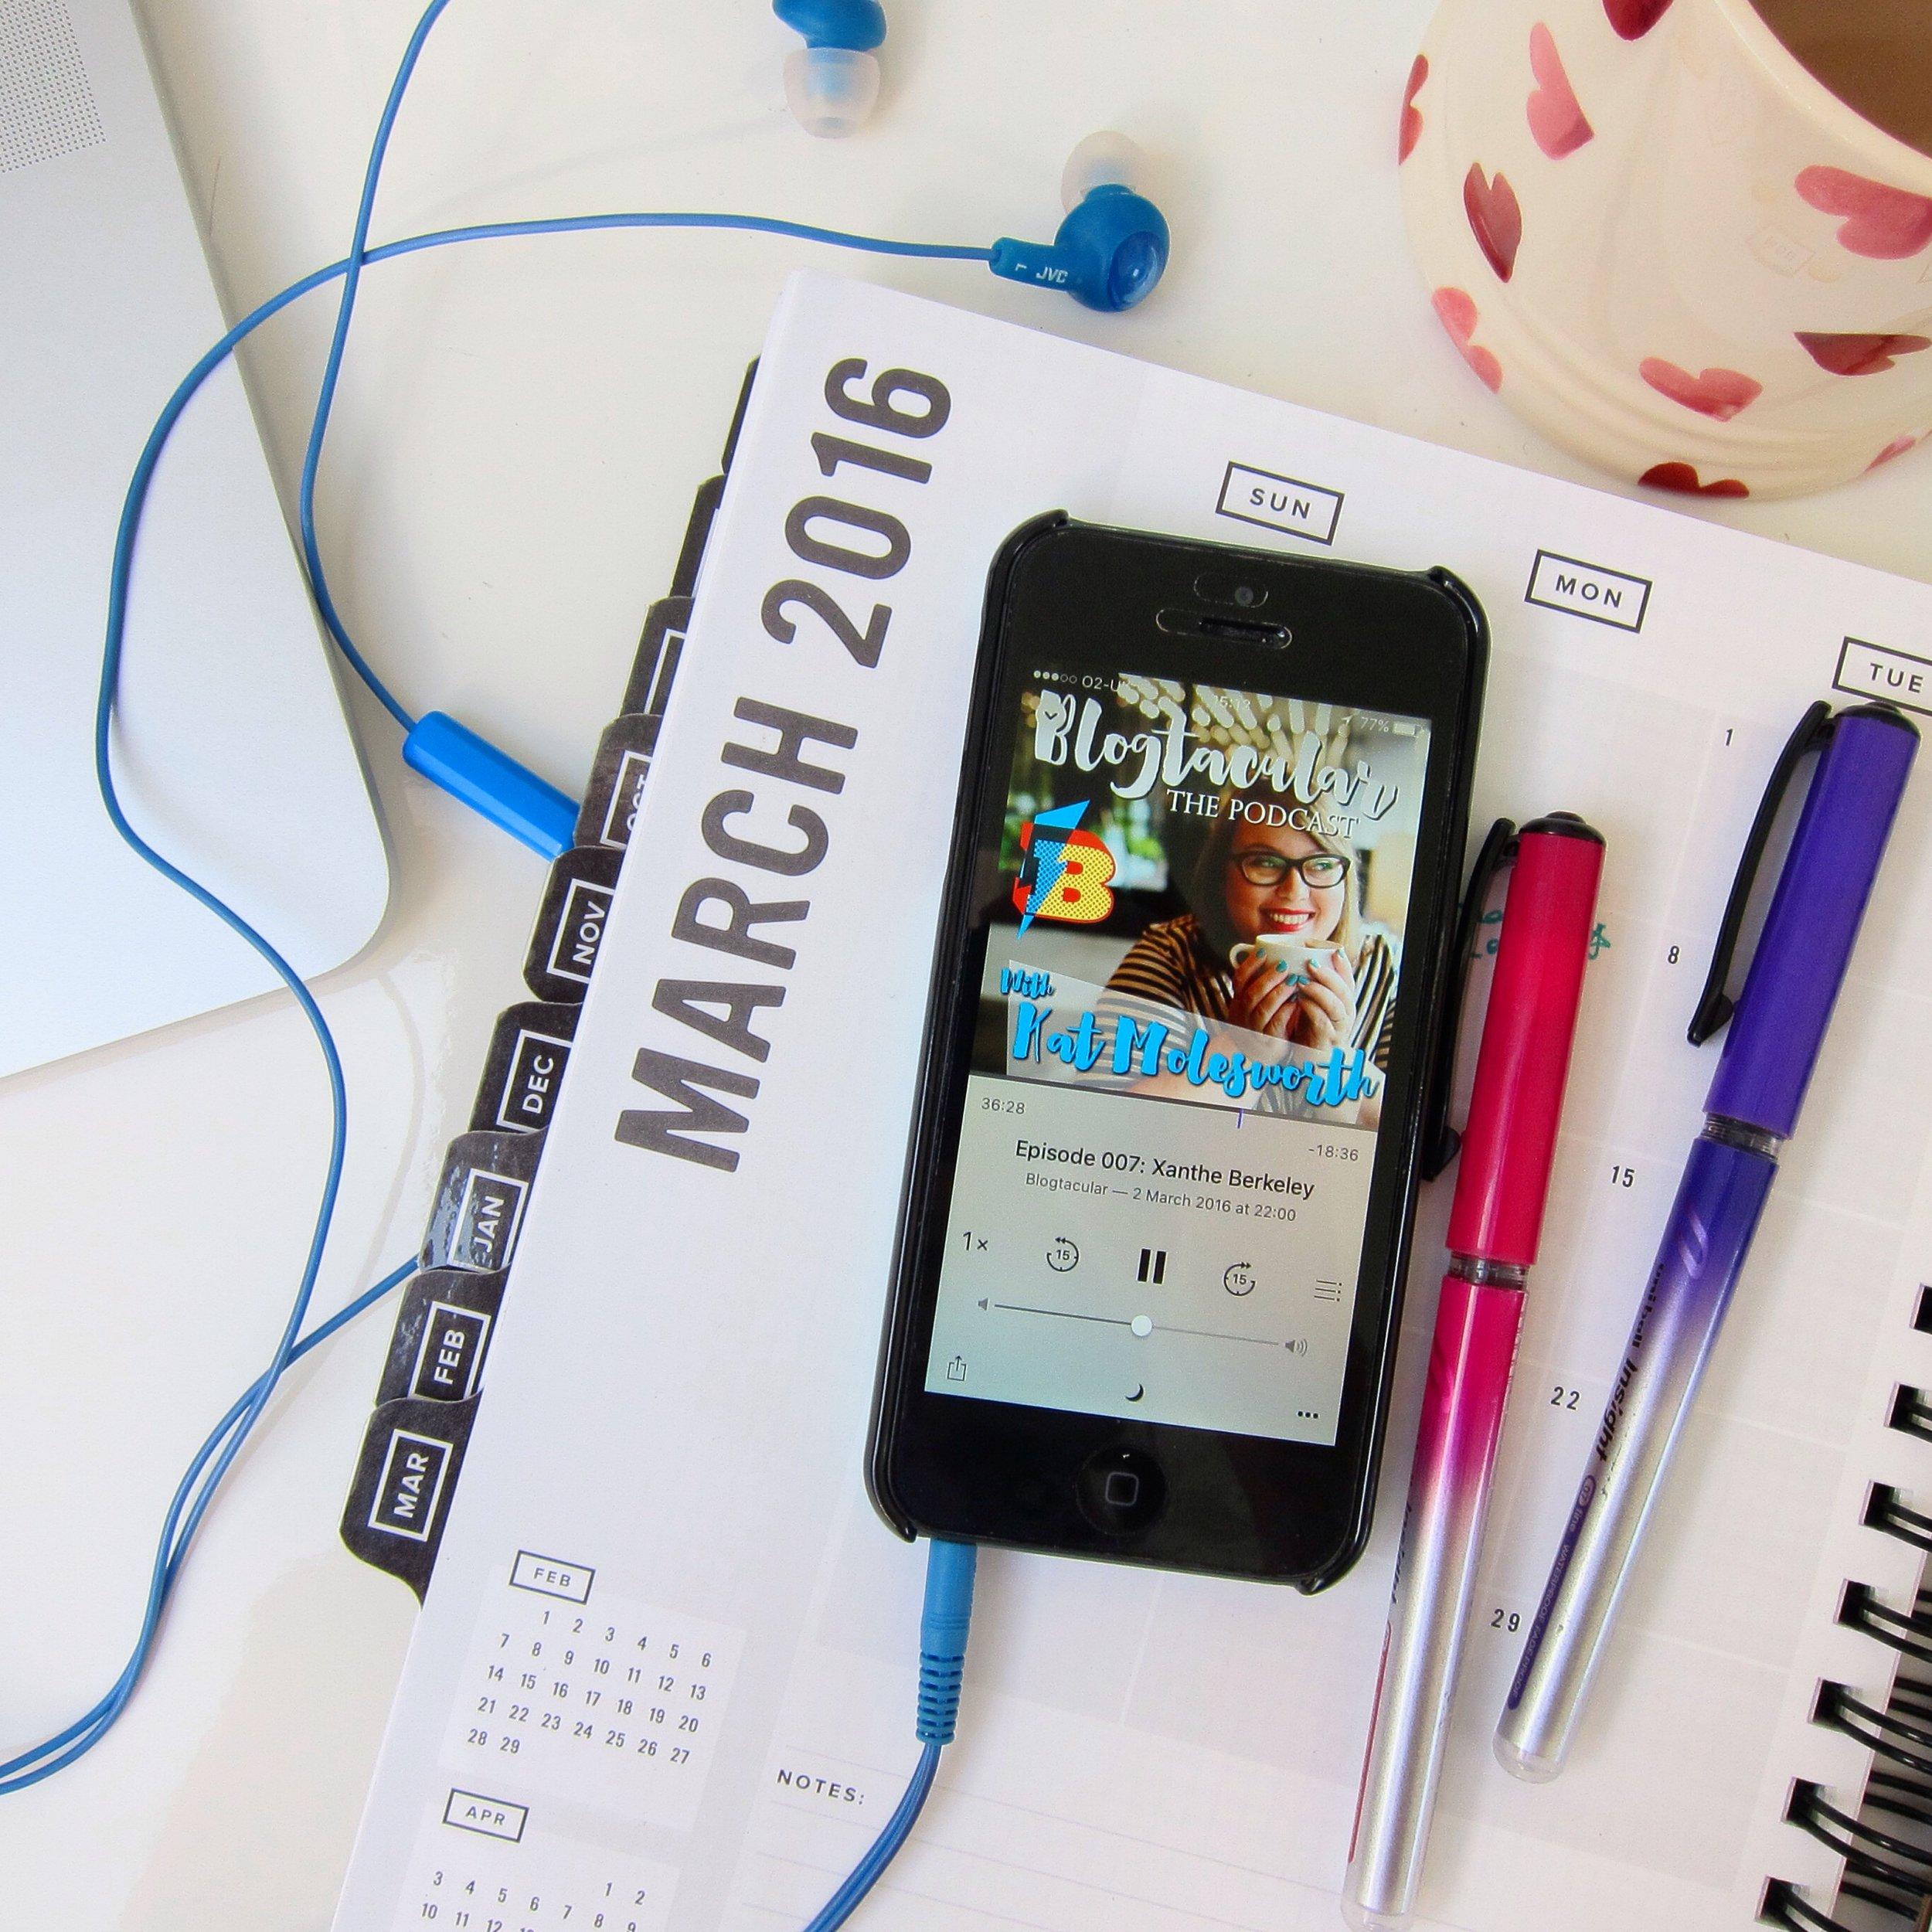 Blogtacular Podcast